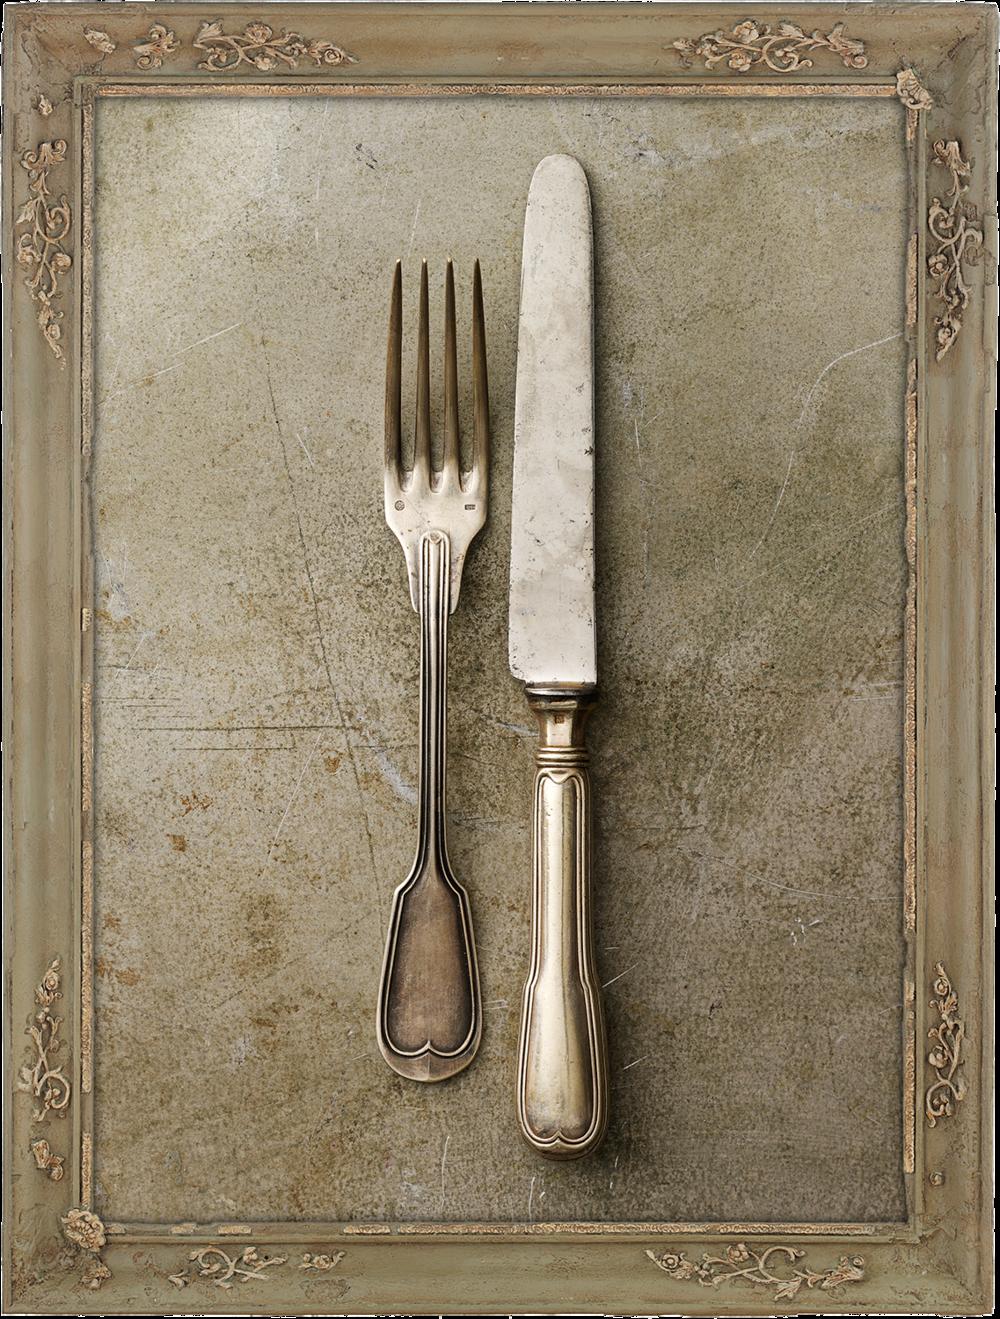 #23_Knife&Fork